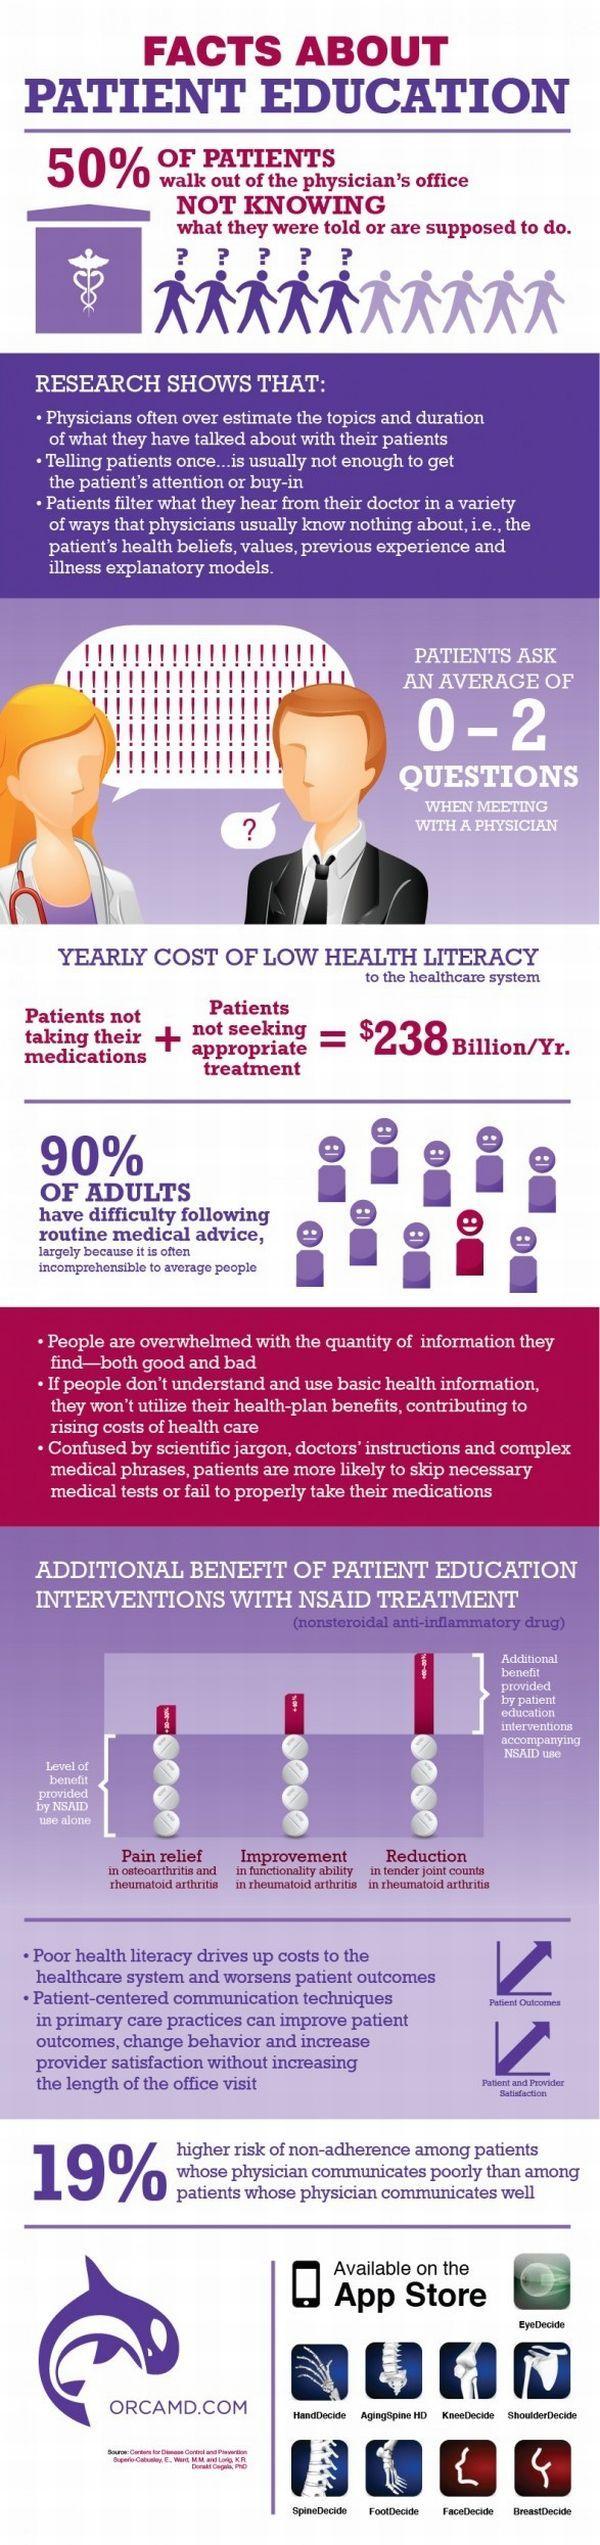 The importance of Patient Education / Patient Activation